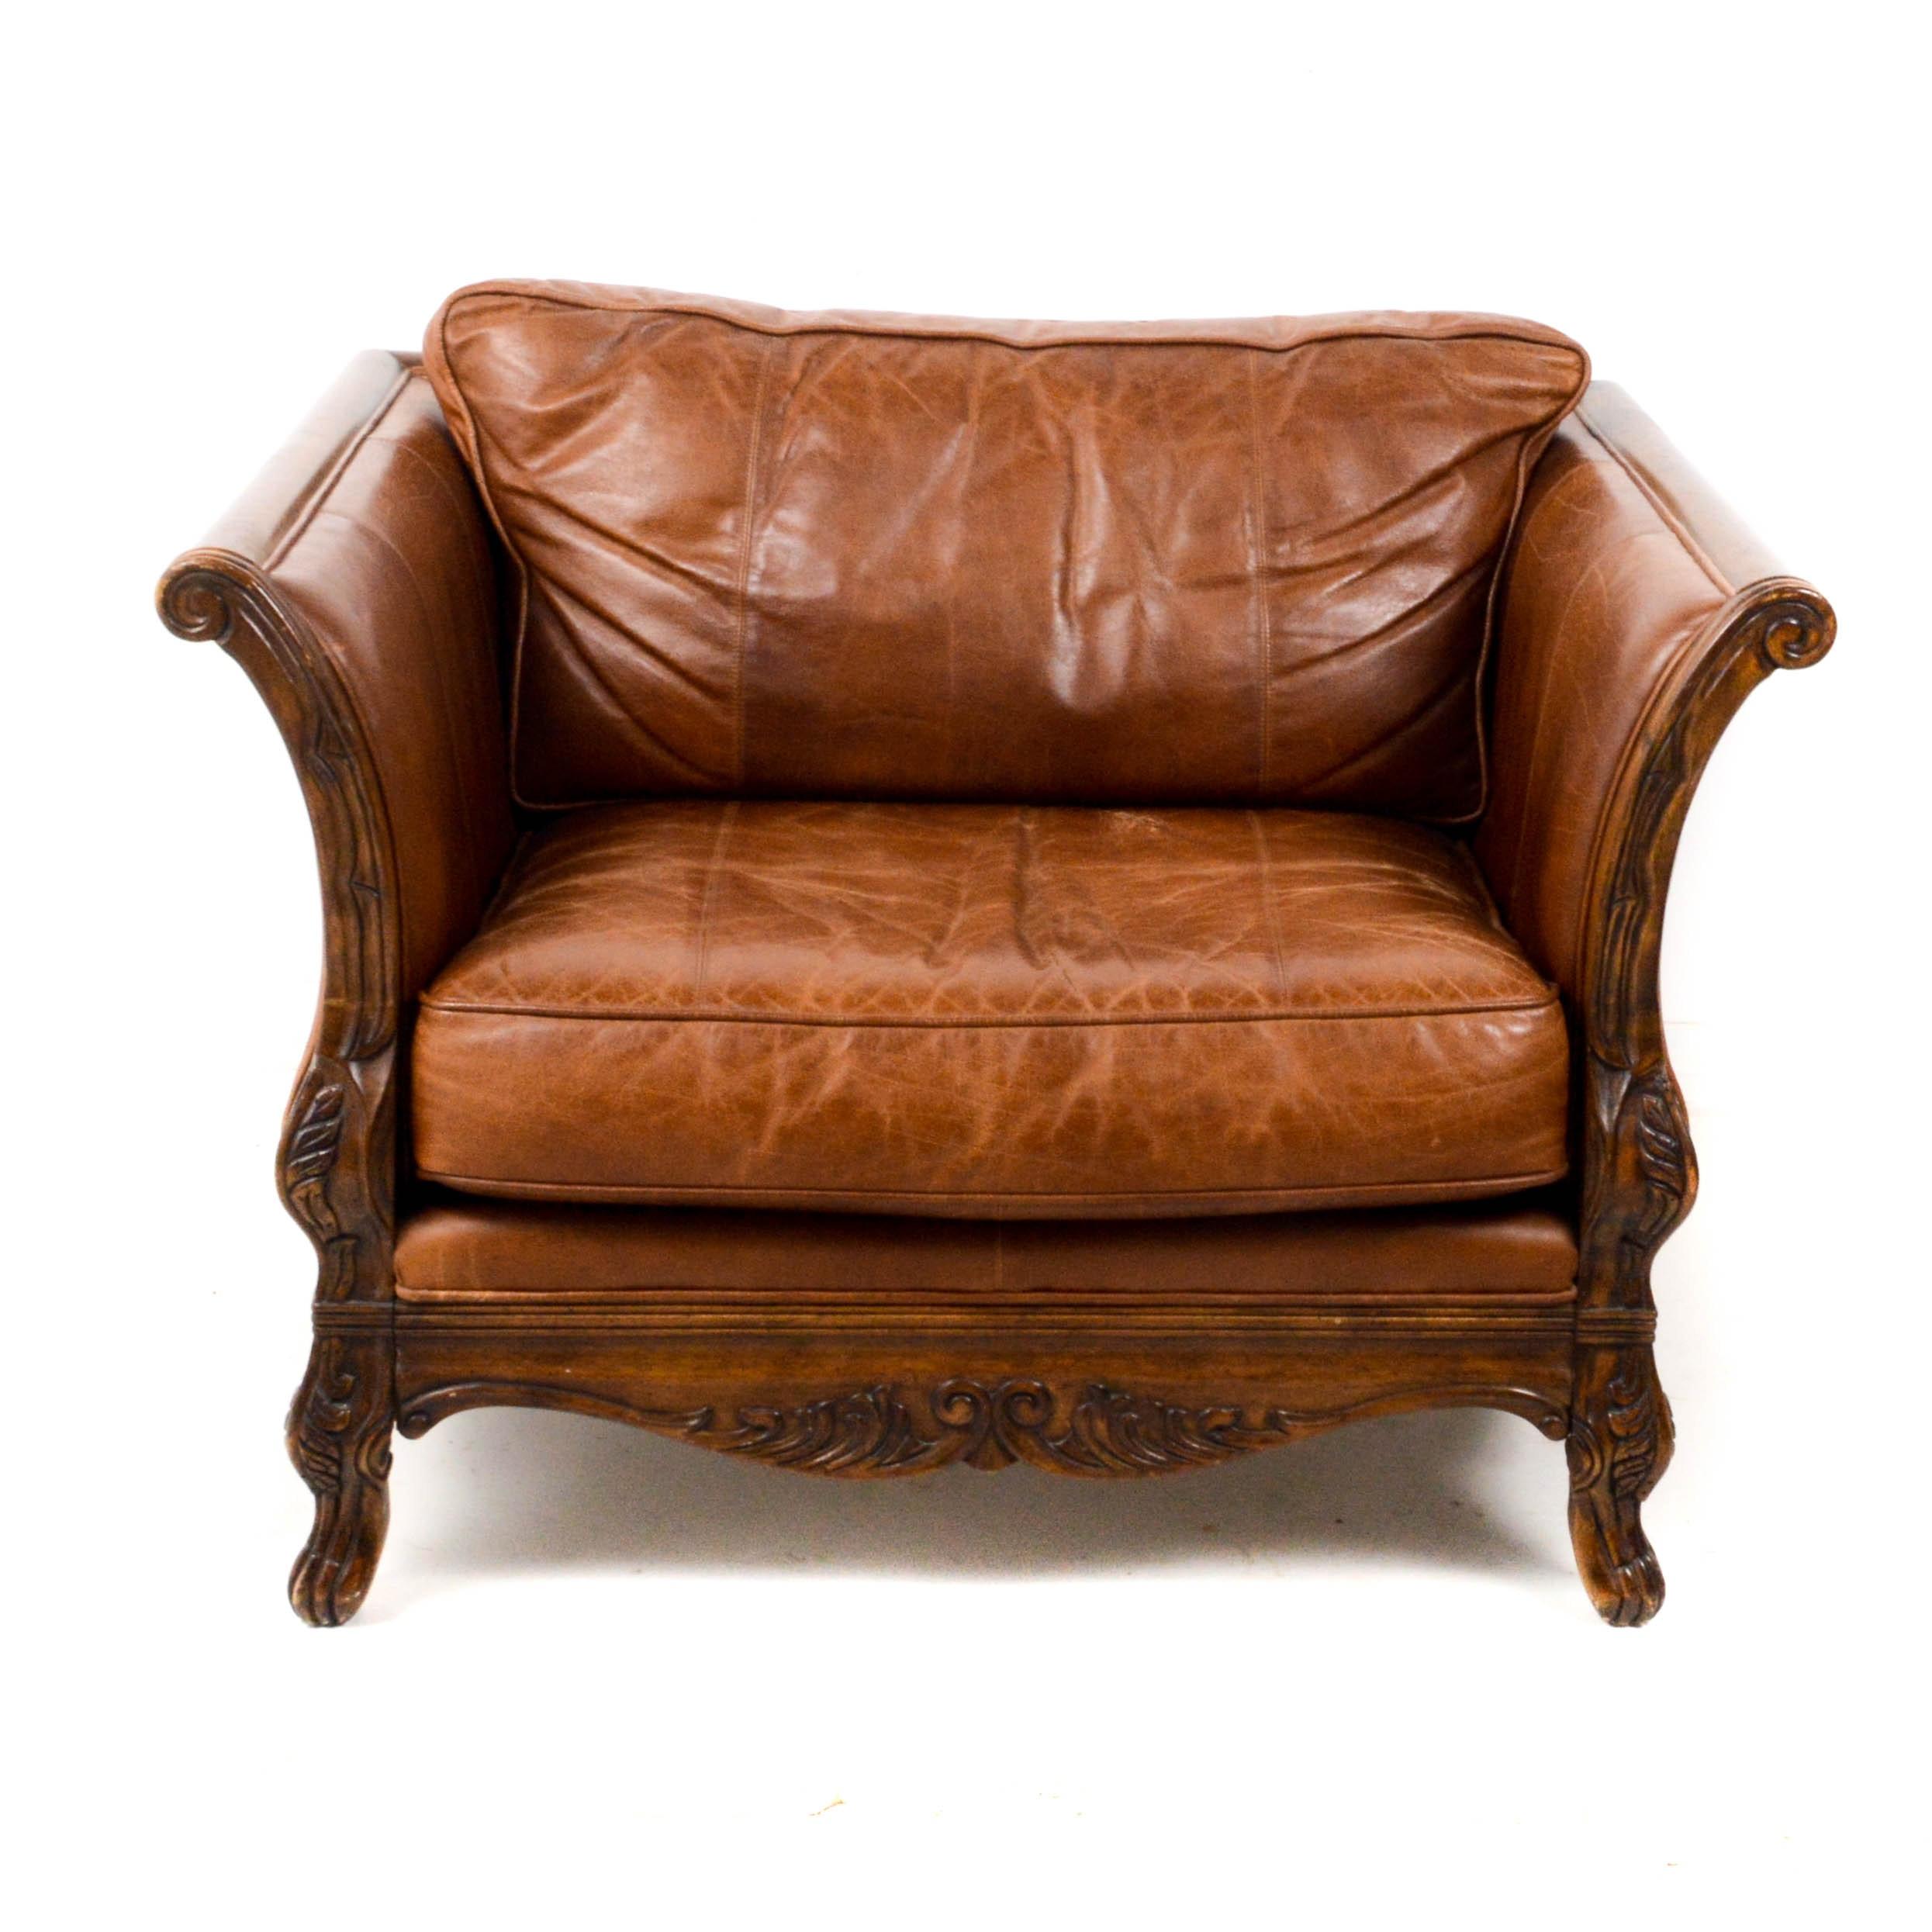 Bernhardt Leather and Oak Oversize Armchair